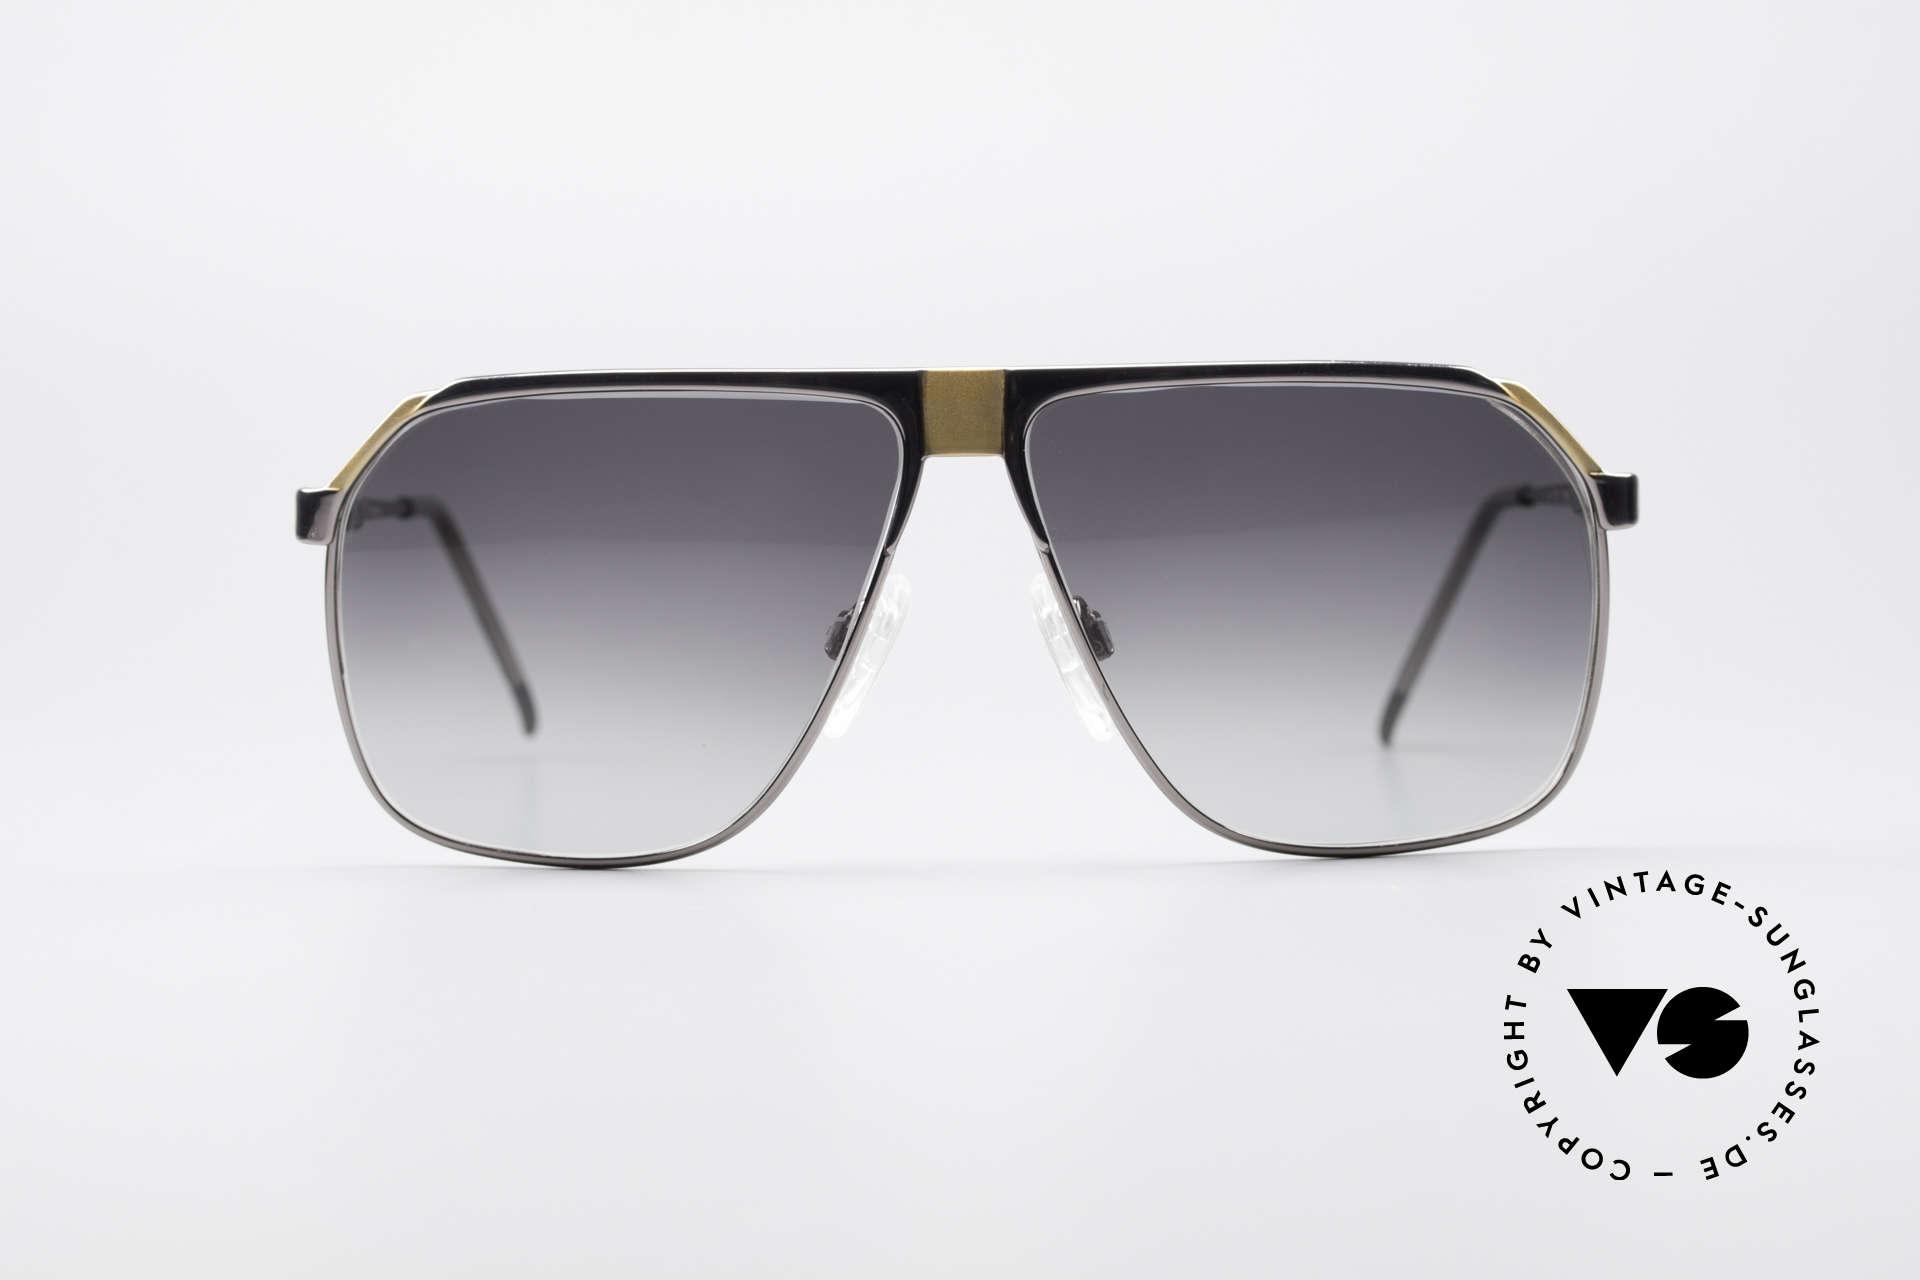 Gucci 1200 80er Luxus Sonnenbrille, noble Rarität aus den 1980ern (auffallend elegant), Passend für Herren